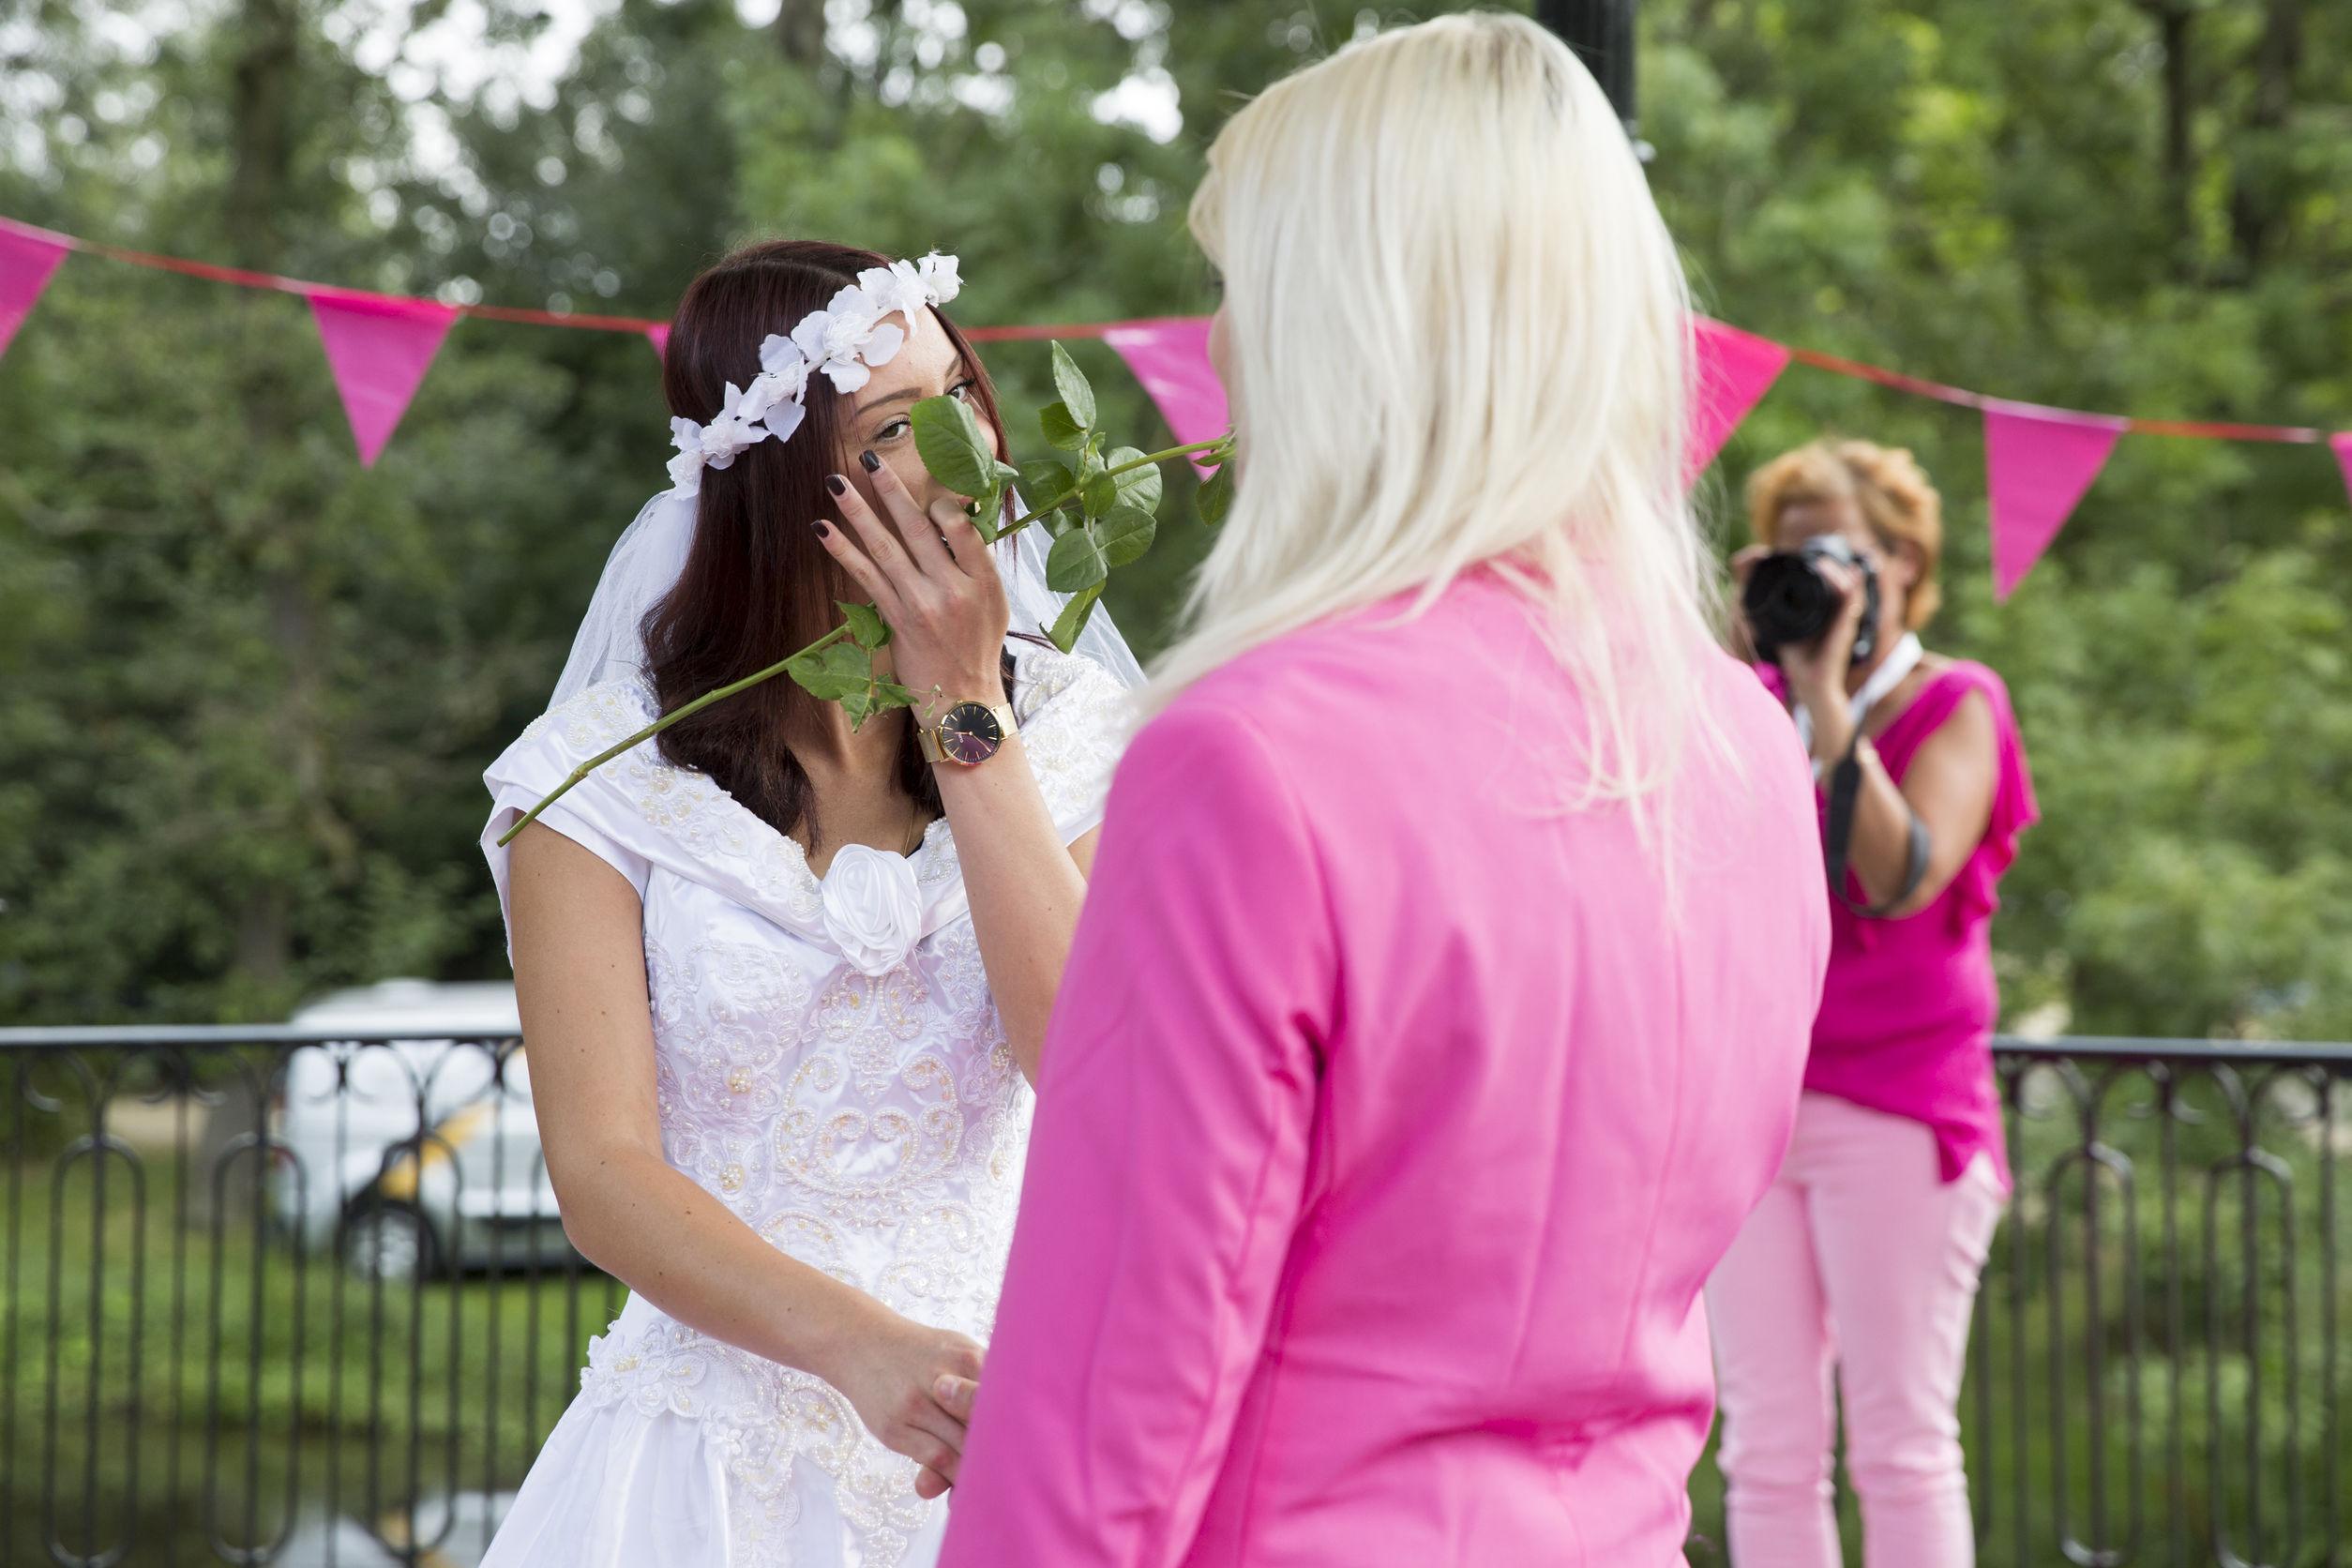 Matrimonio gay: Noticias, Fotos y Videos de Matrimonio gay ...